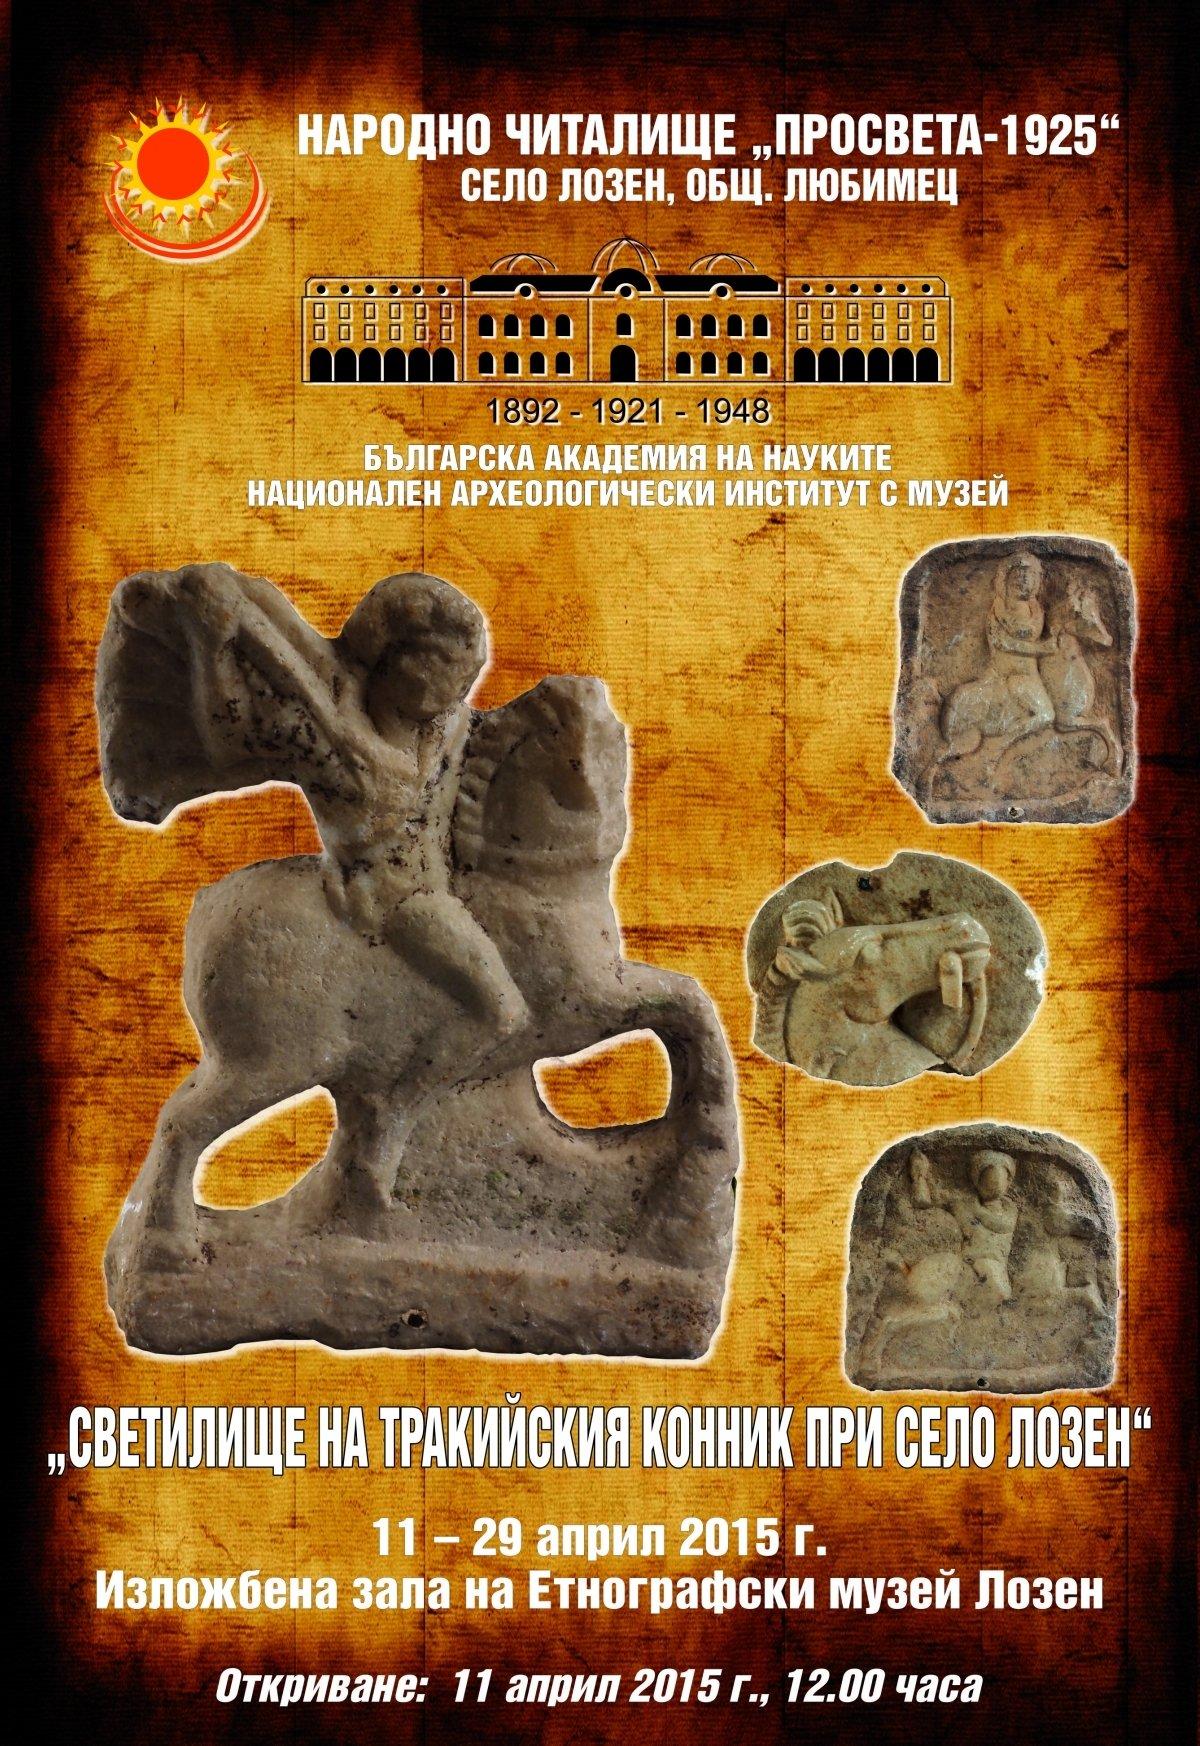 Лозен посреща експозиция от Националния археологически музей